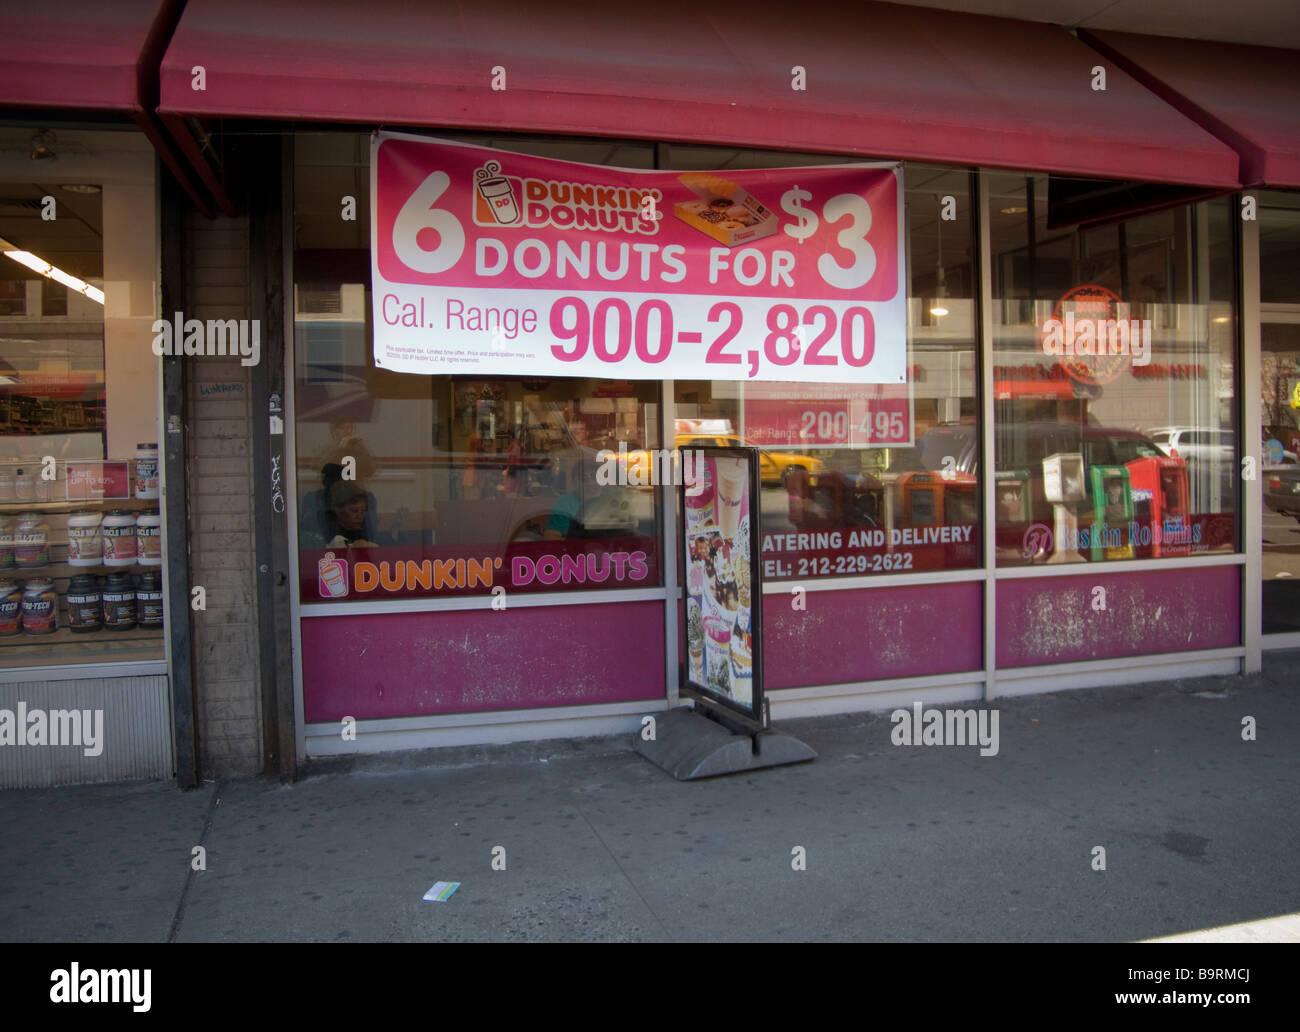 Dunkin Donuts Donuts Stock Photos  Dunkin Donuts Donuts Stock - Dunkin donuts location map usa